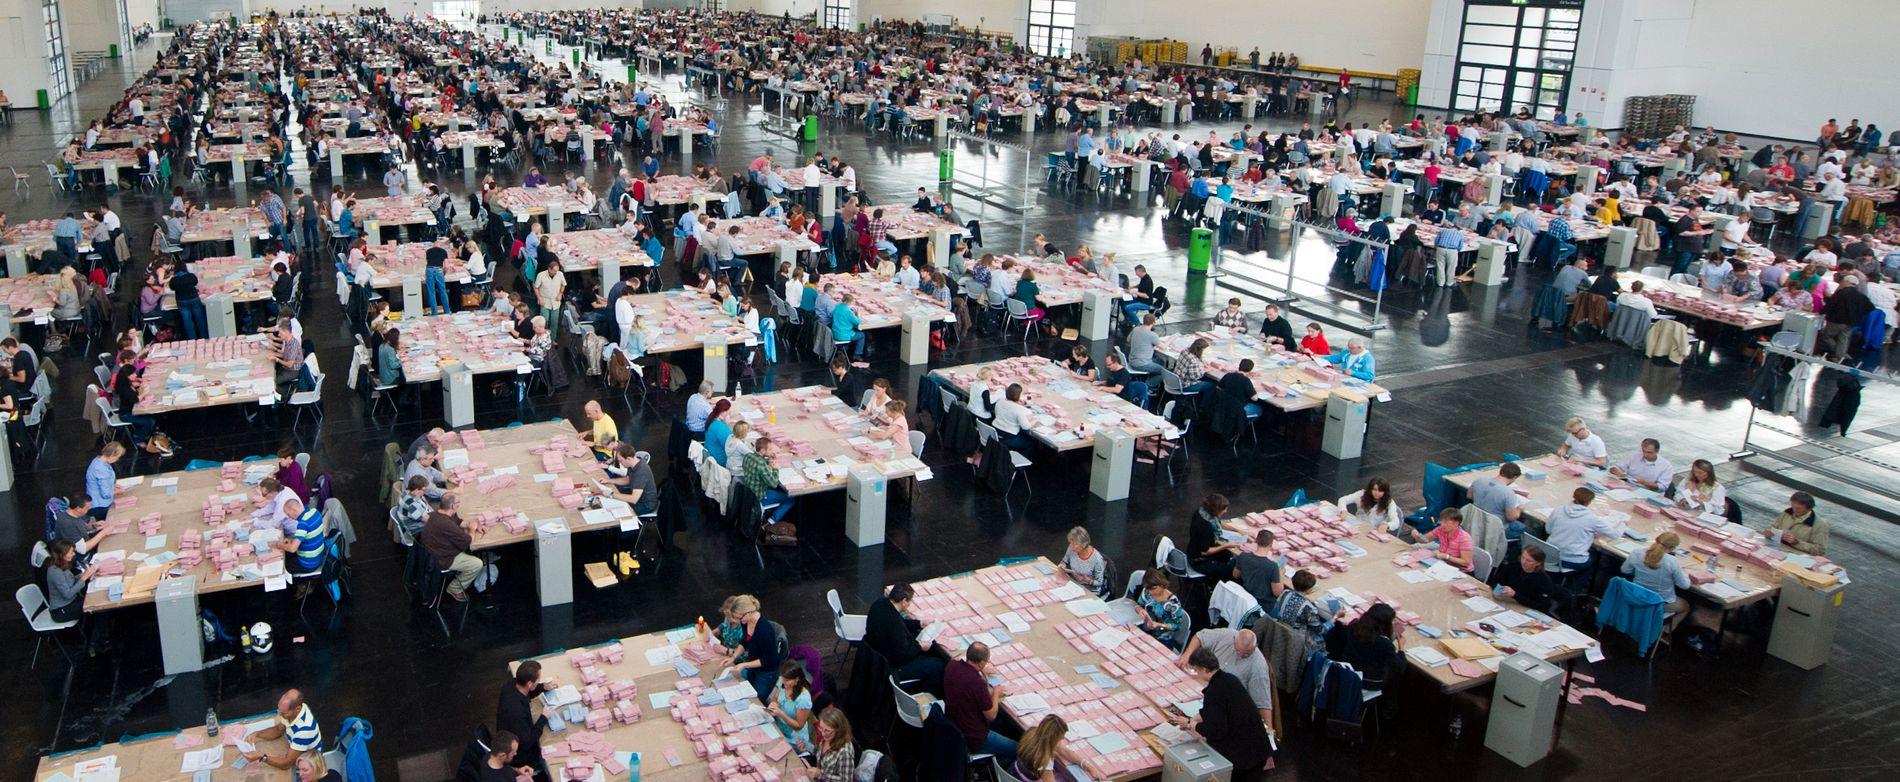 STEMMETELLING: Frivillige valghjelpere teller opp stemmer i München i forbindelse med forbundsdagsvalget i 2013.